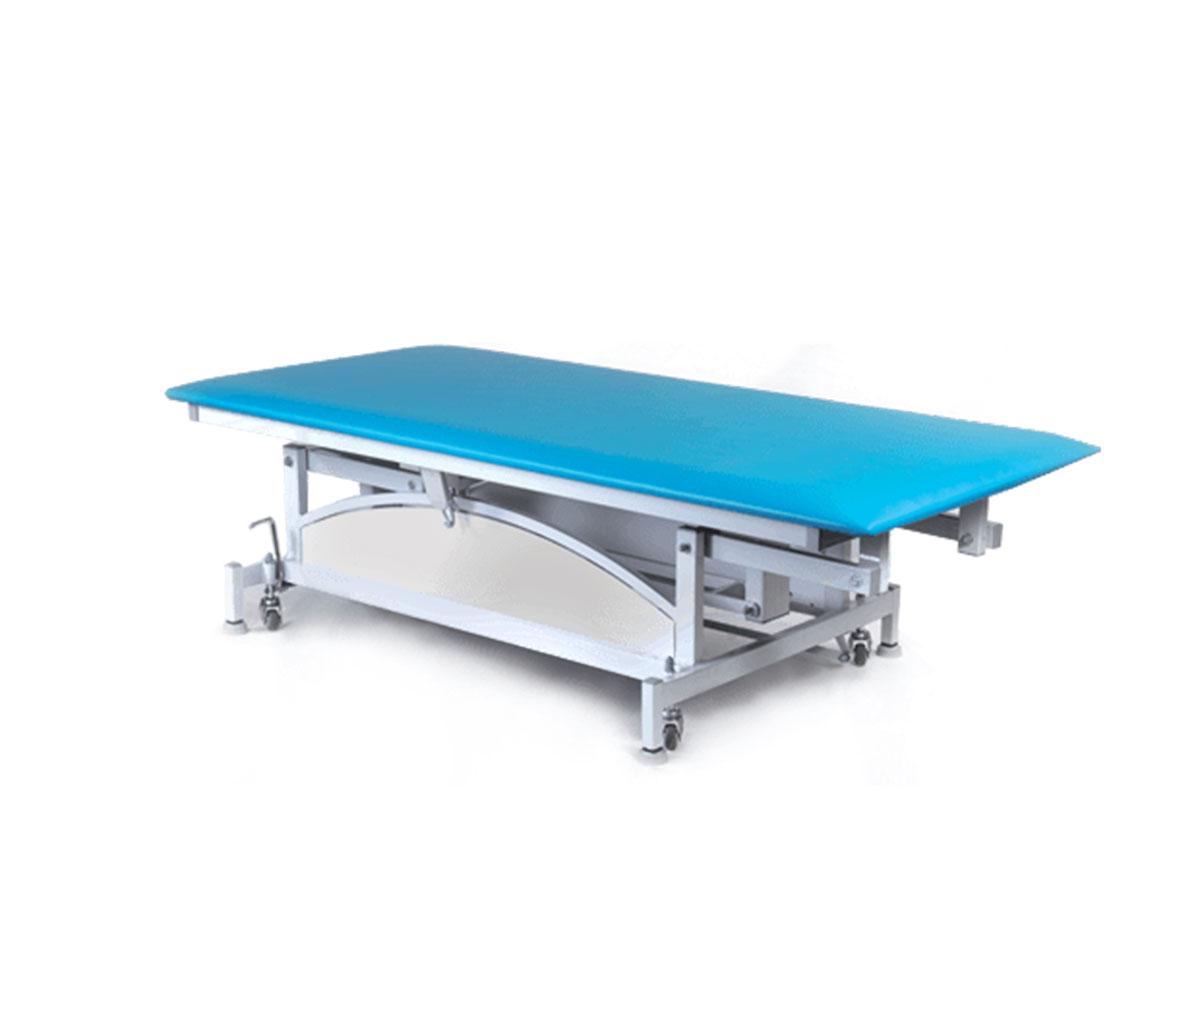 Стол реабилитационный для терапии с гидравлическим регулированием высоты SR-1H-B